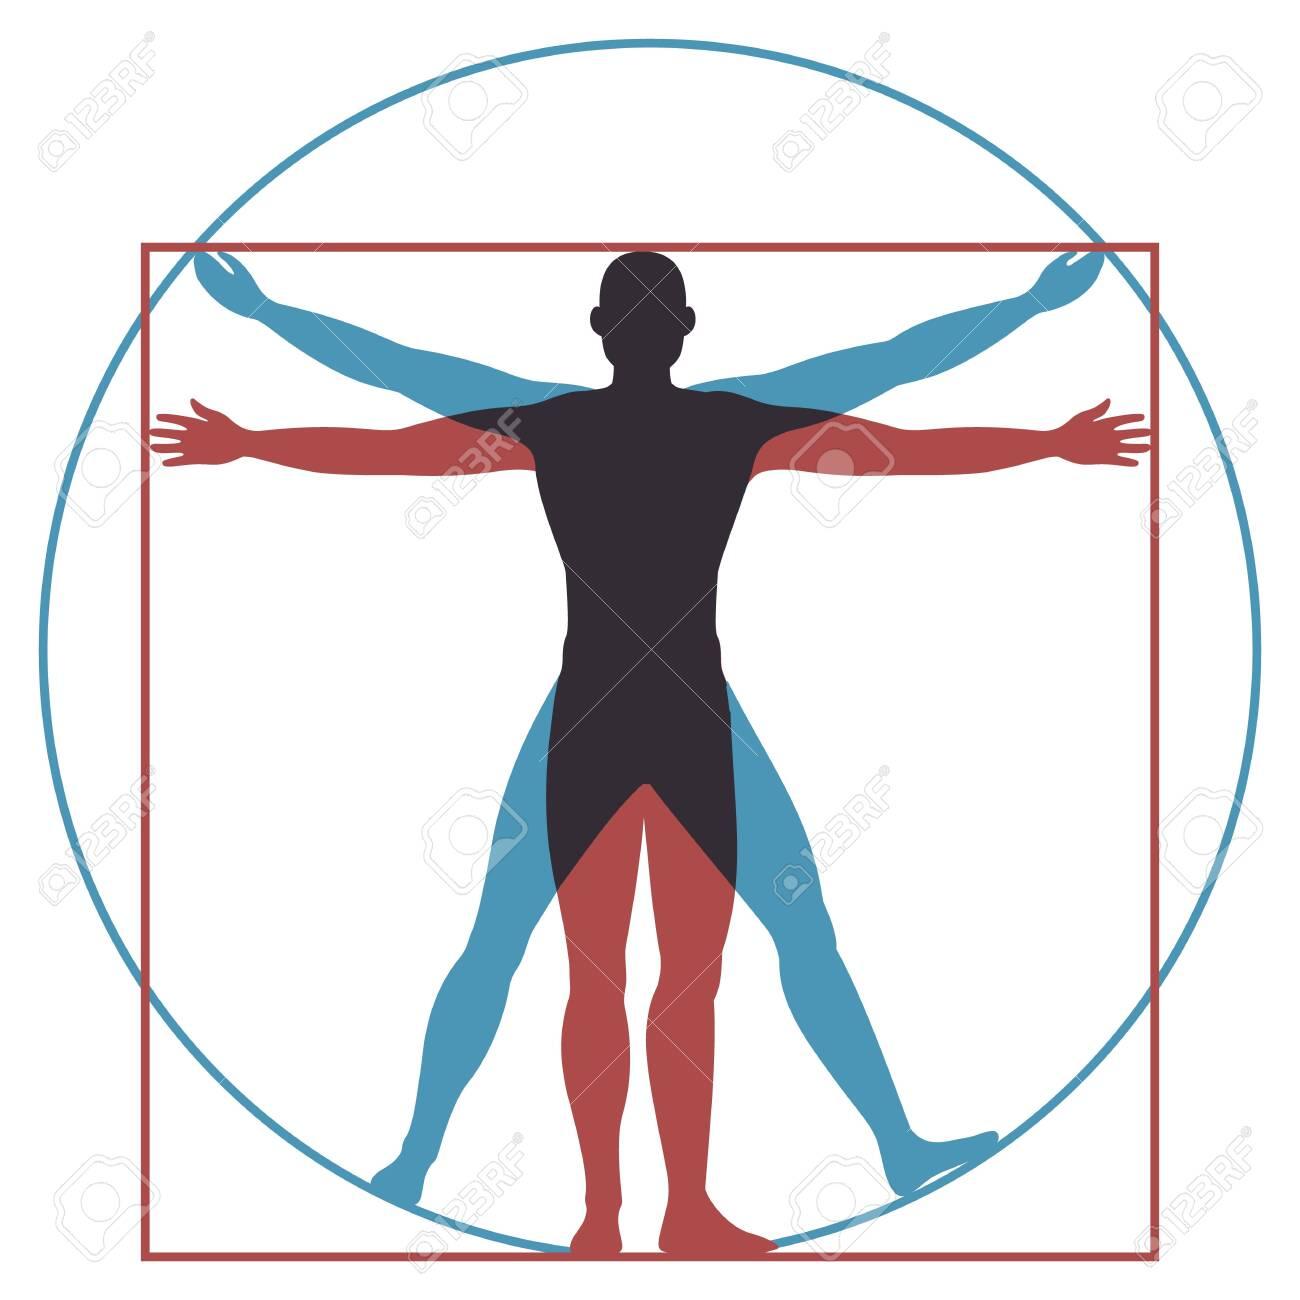 Vitruvian man. Leonardo da vinci human body perfect anatomy proportions in circle and square. Vector renaissance health men silhouette - 126291239